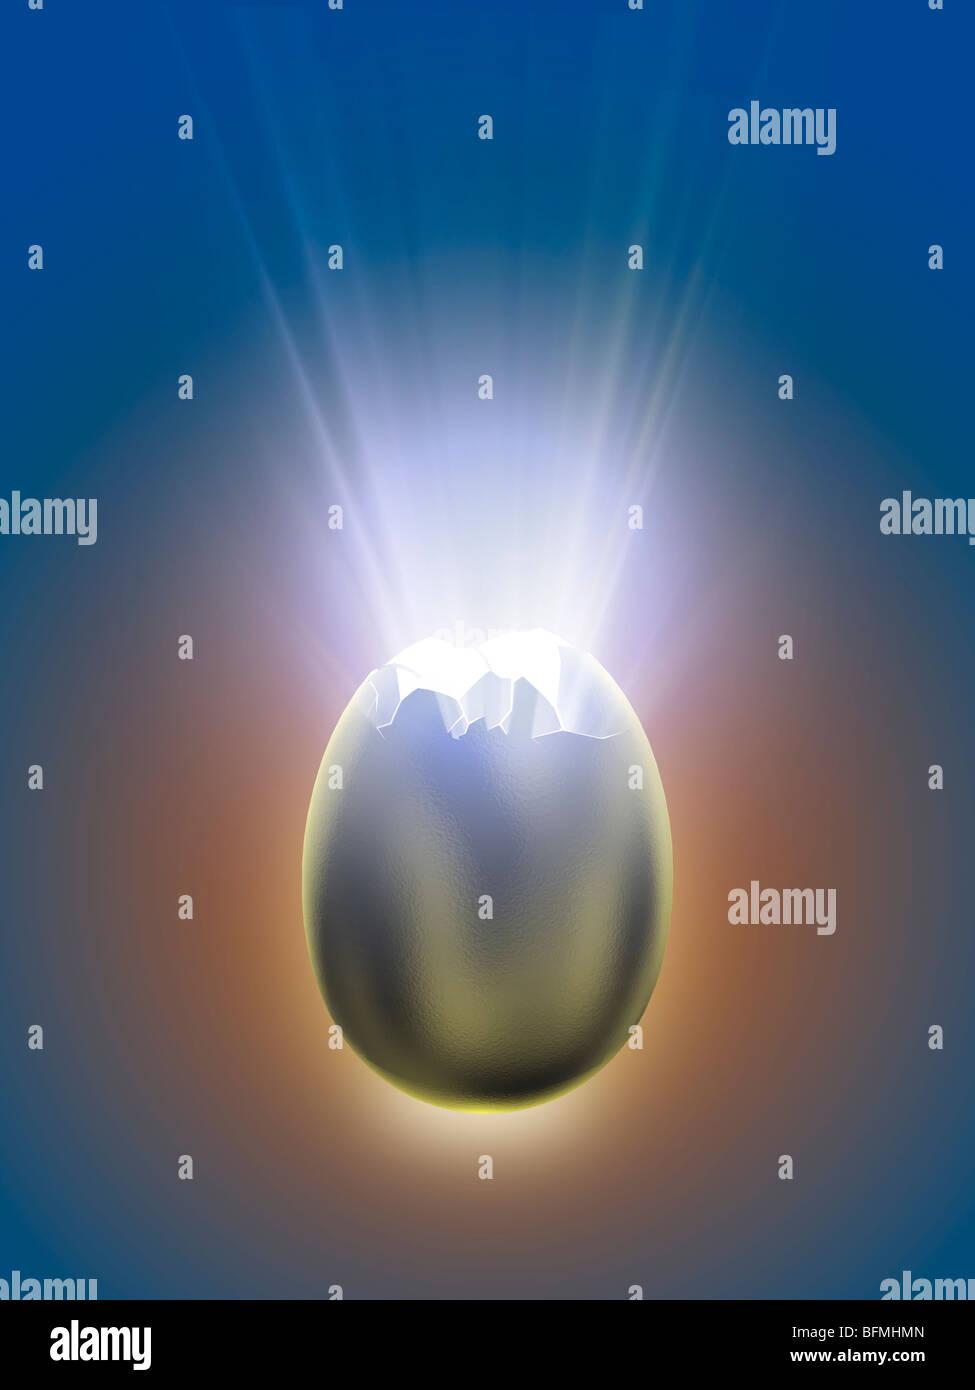 Luz procedente del huevo de plata agrietado Foto de stock